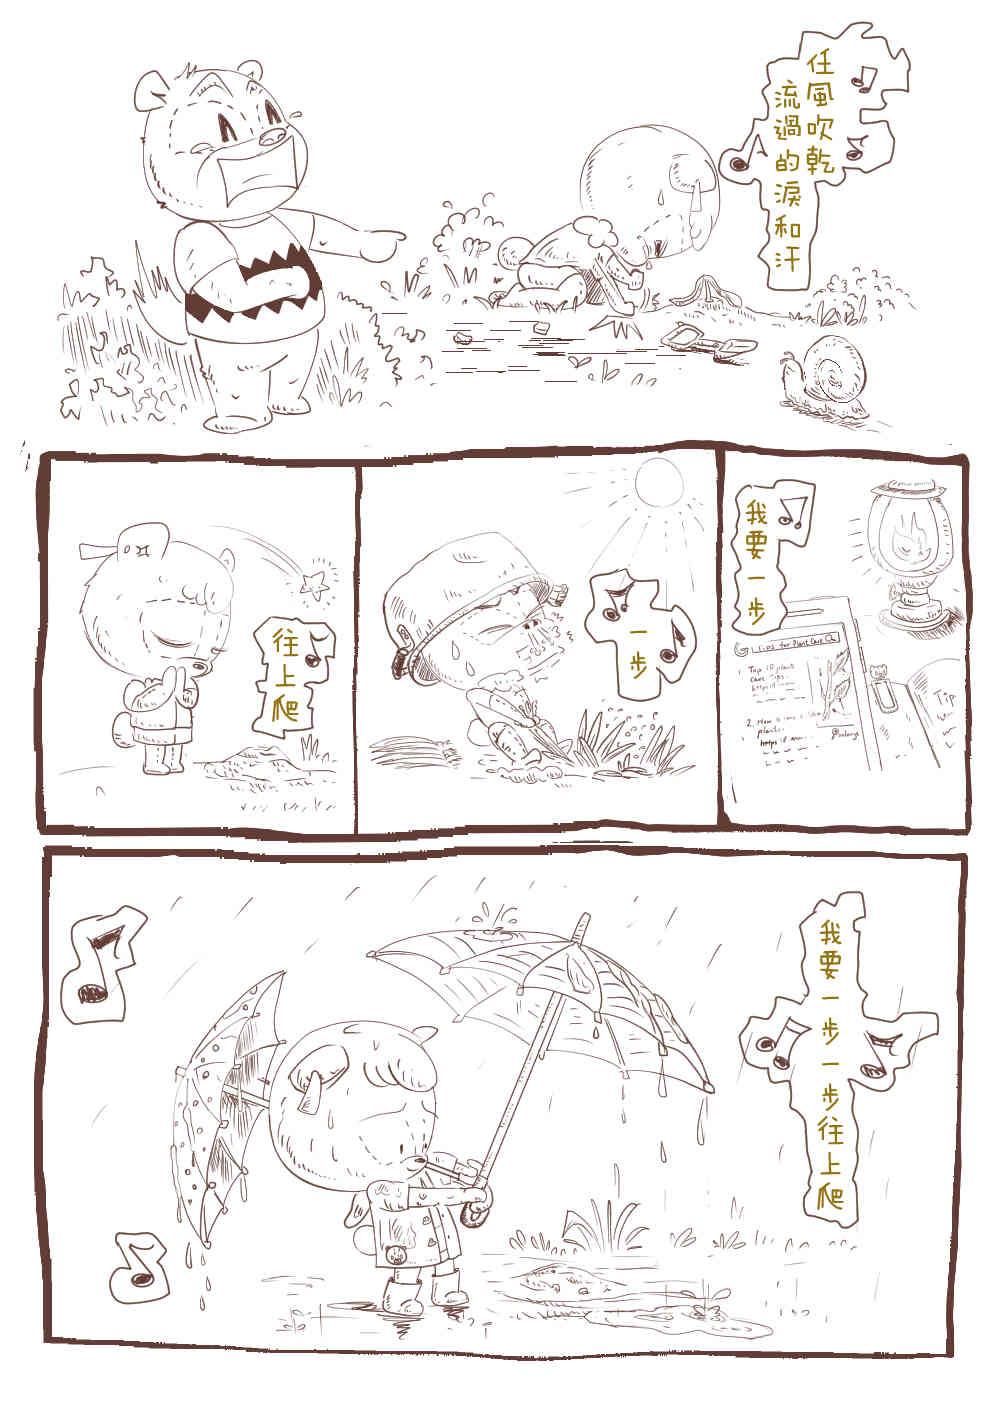 小熊諾樂「蝸牛」特別篇4